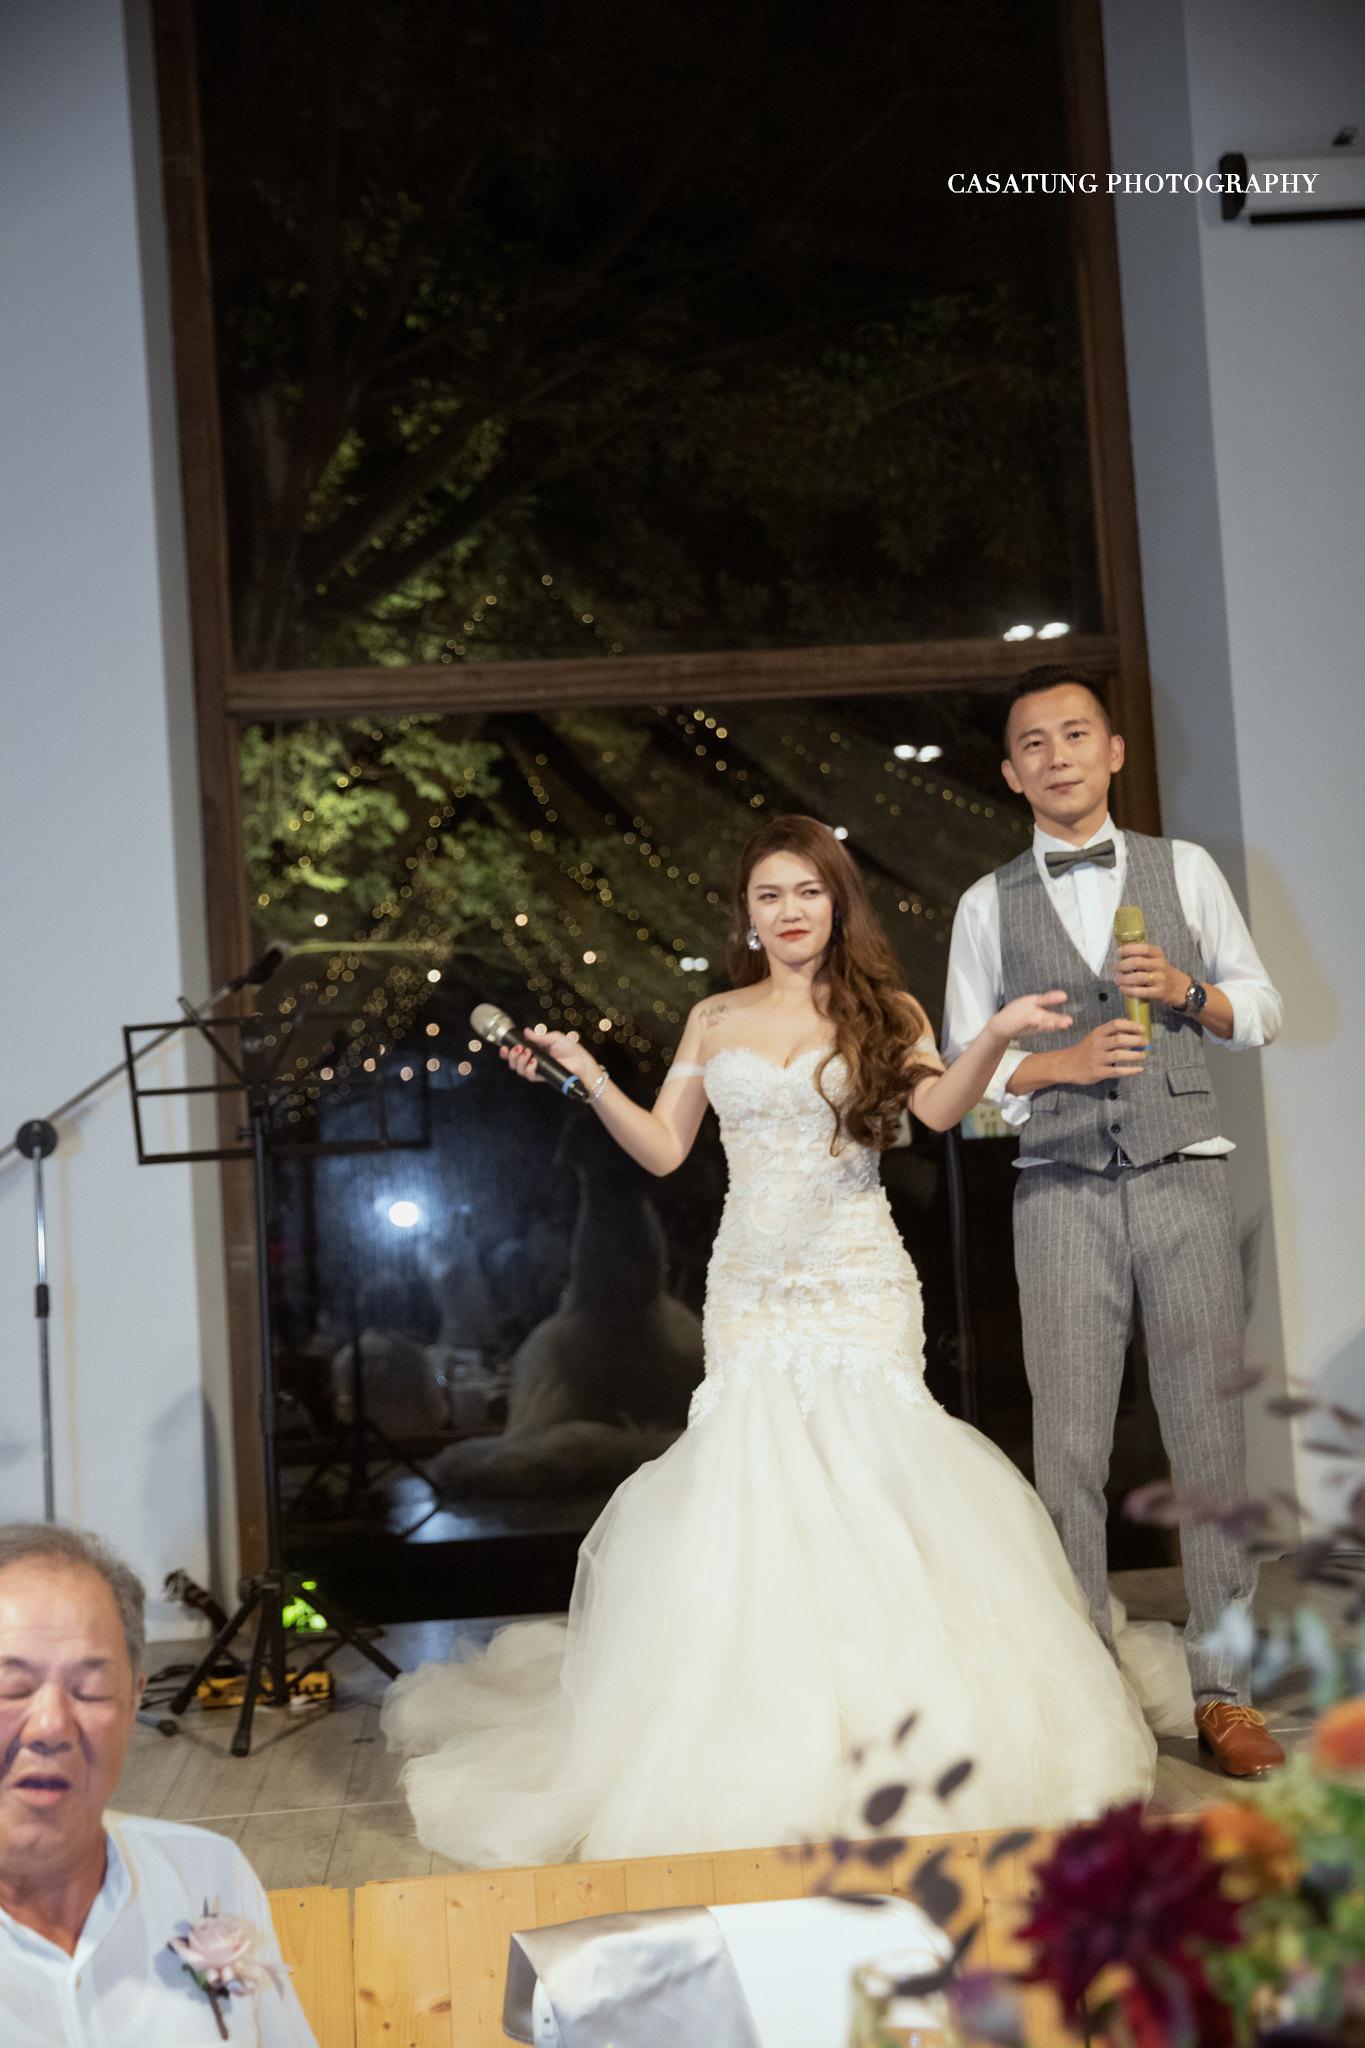 顏氏牧場婚禮,台中婚攝casa,旋轉木馬-167